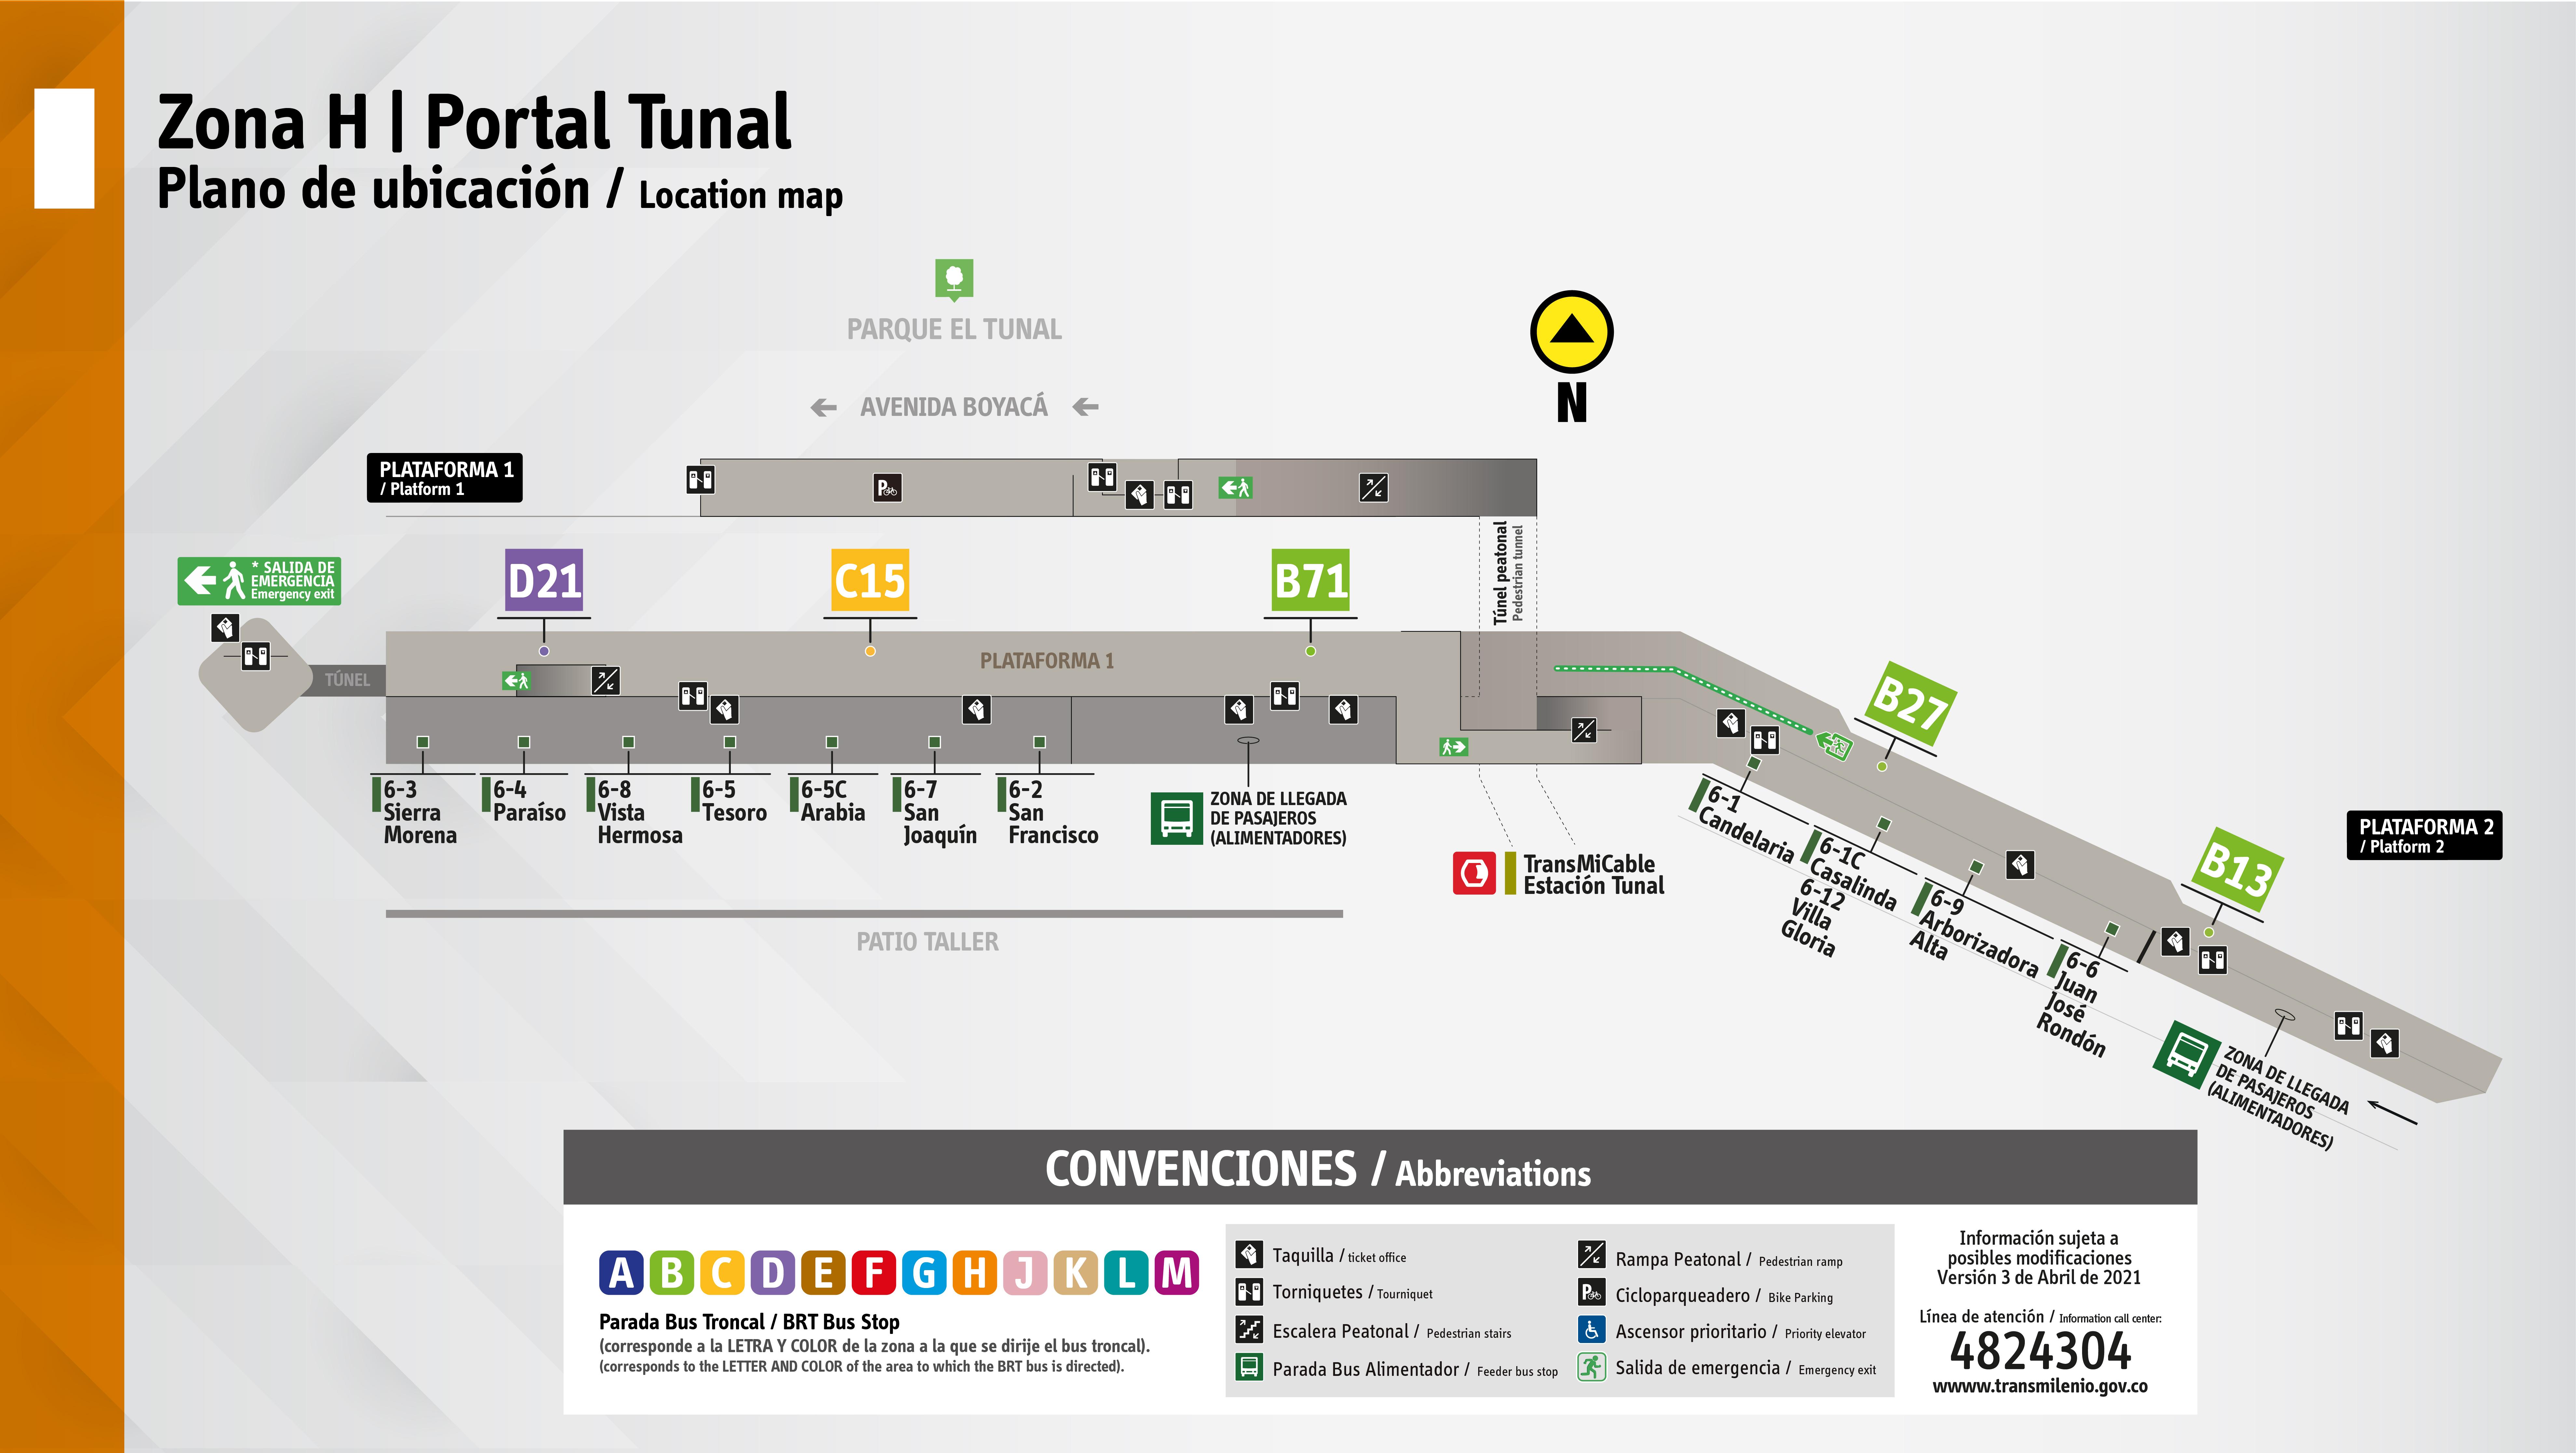 Plano de plataformas del portal Tunal